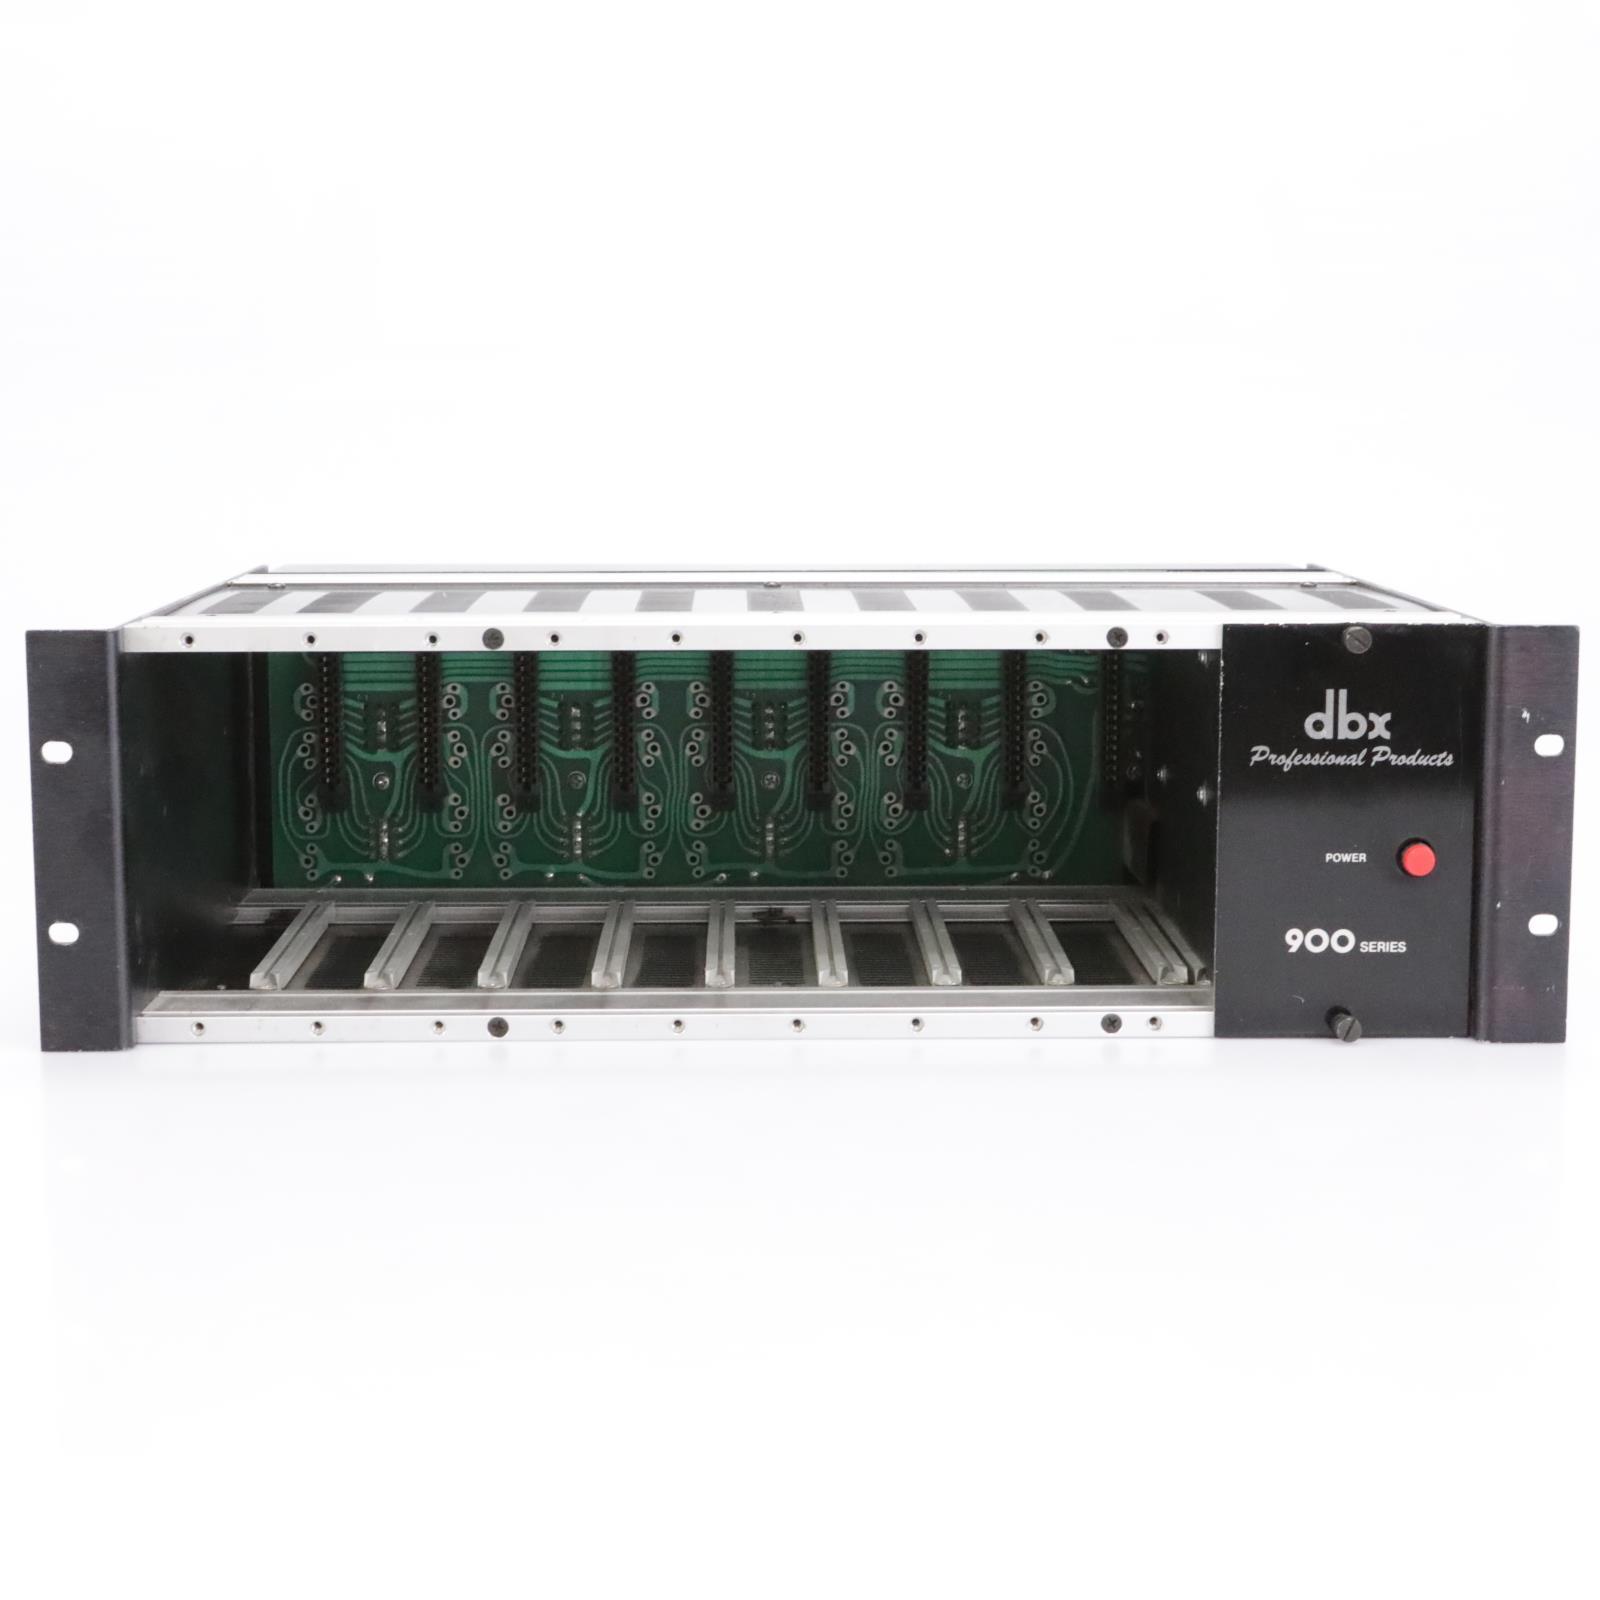 DBX F-900B 900-Series Professional Products Rack PSU #43194